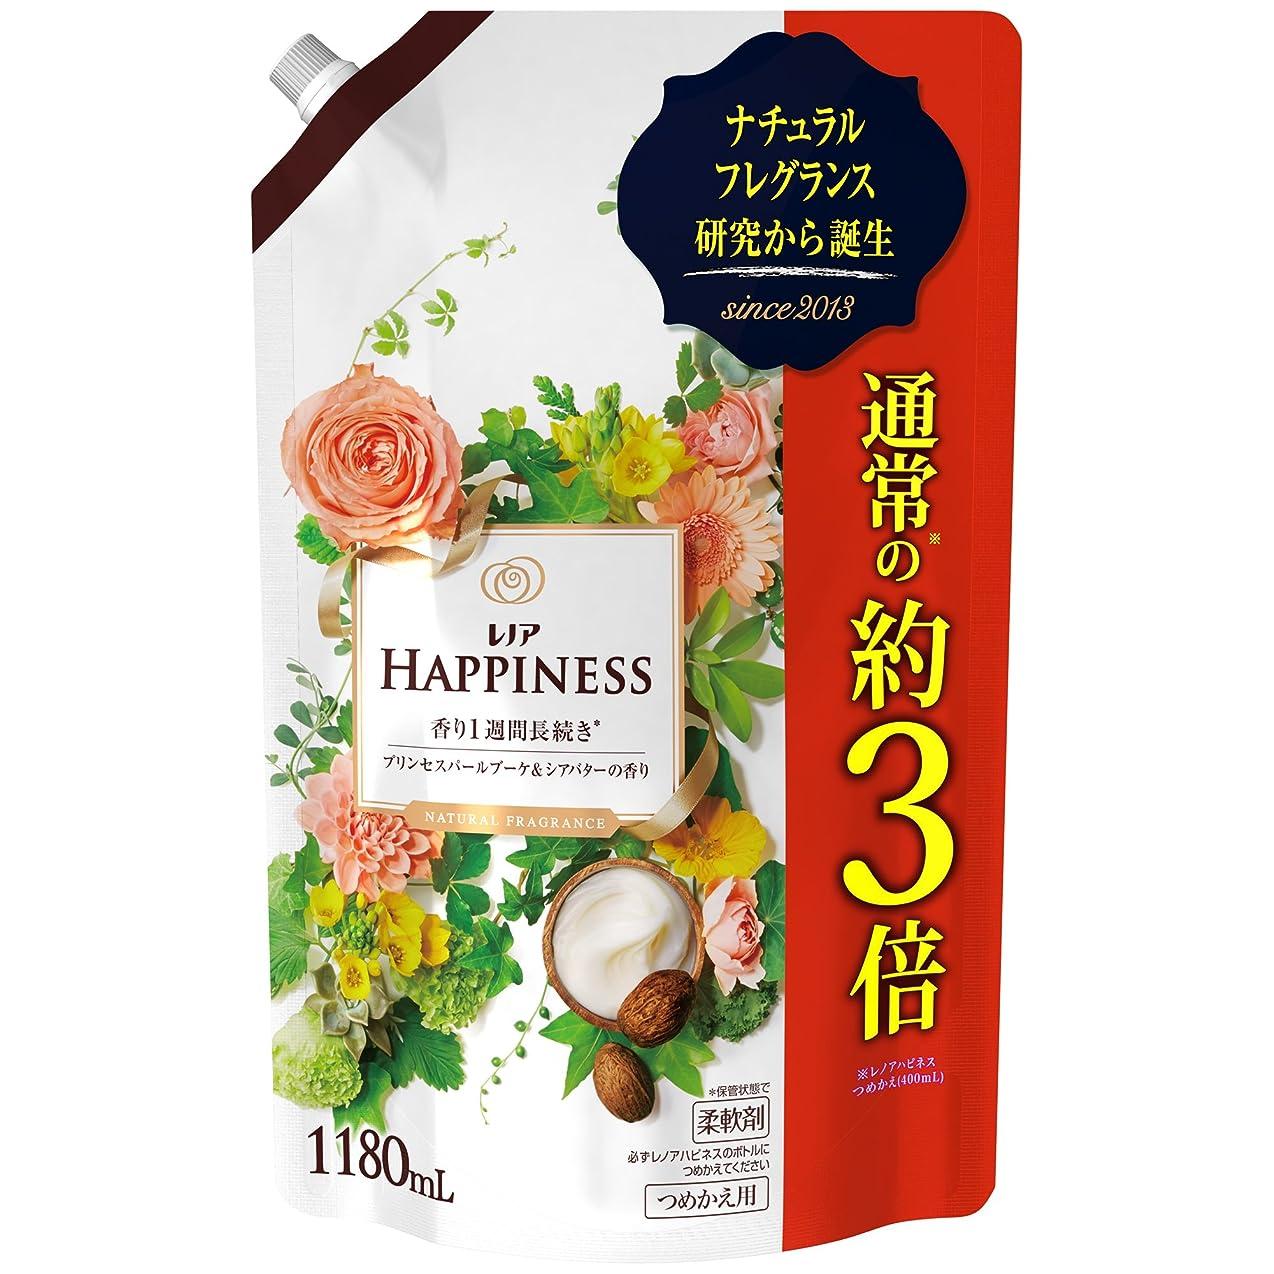 豊かにする実行可能日レノアハピネス 柔軟剤 ナチュラルフレグランス プリンセスパールブーケ&シアバターの香り 詰め替え 超特大 1180mL